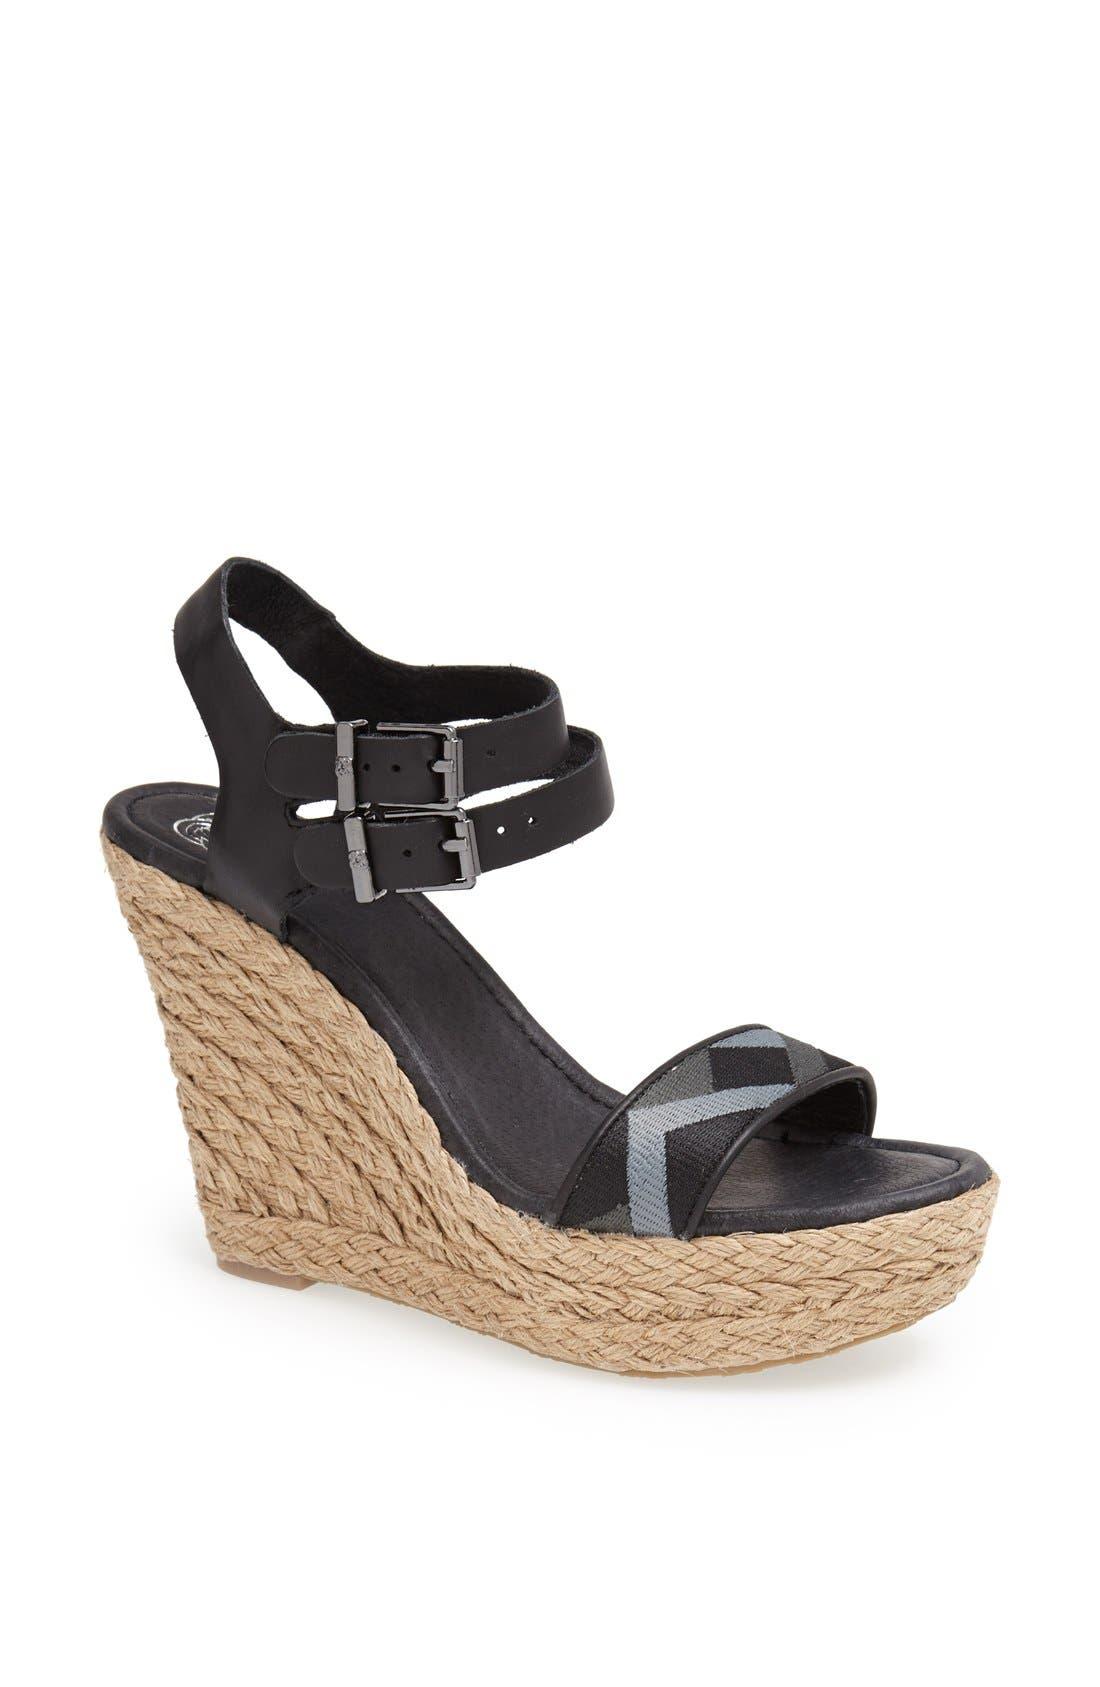 Alternate Image 1 Selected - Elliott Lucca 'Giulia' Sandal